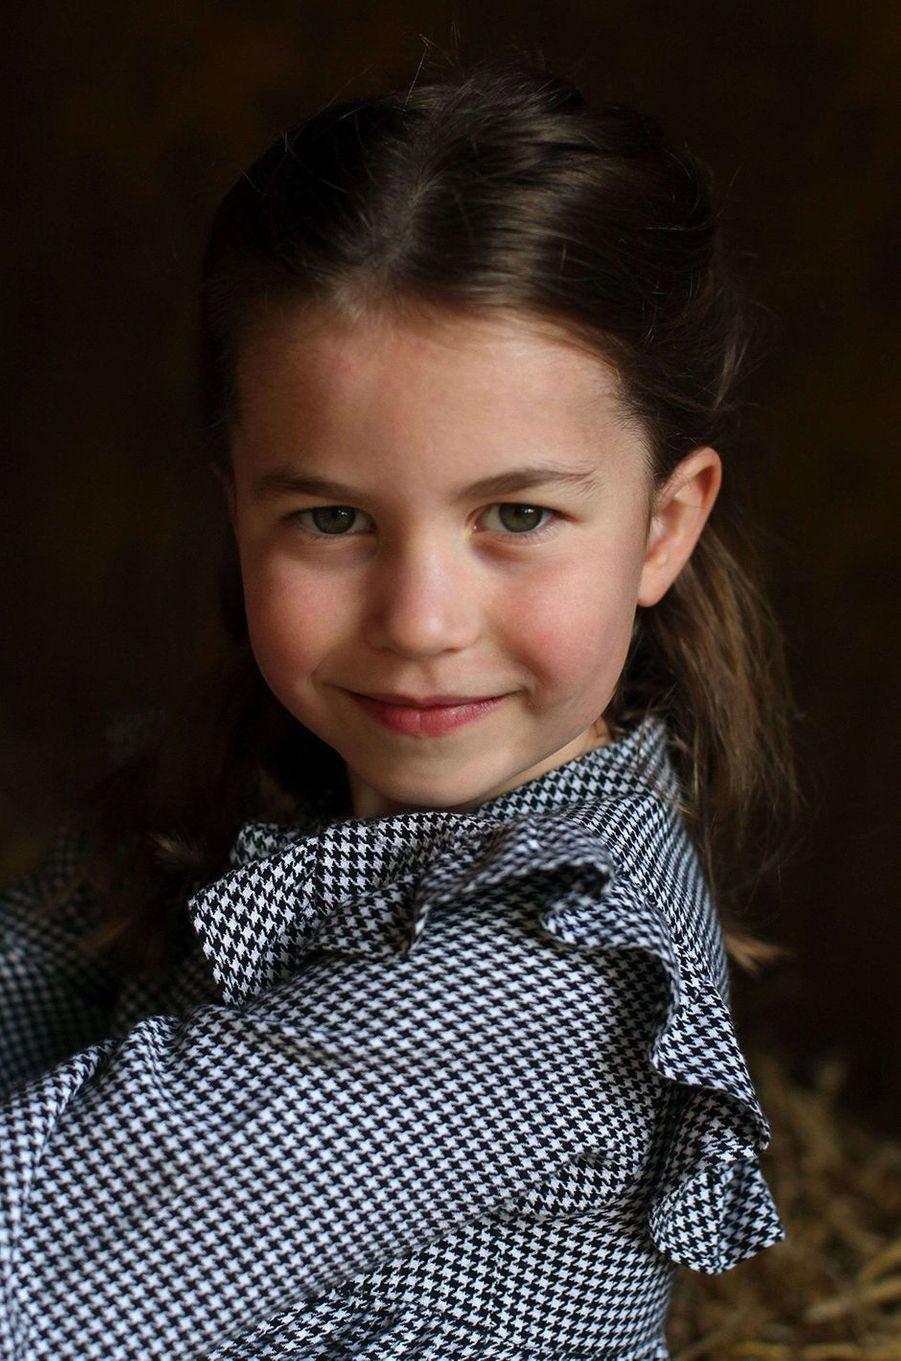 La princesse Charlotte sur un cliché partagé pour son cinquième anniversaire en mai 2020